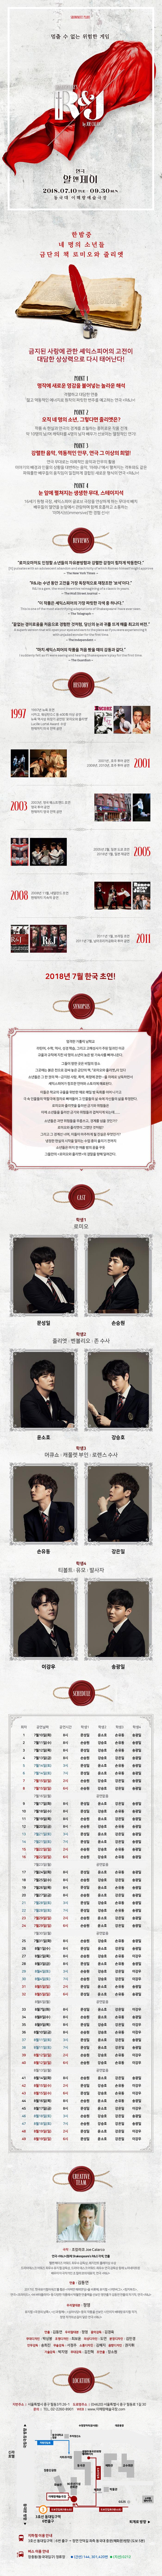 연극 <알앤제이(R&J)> 상세 포스터